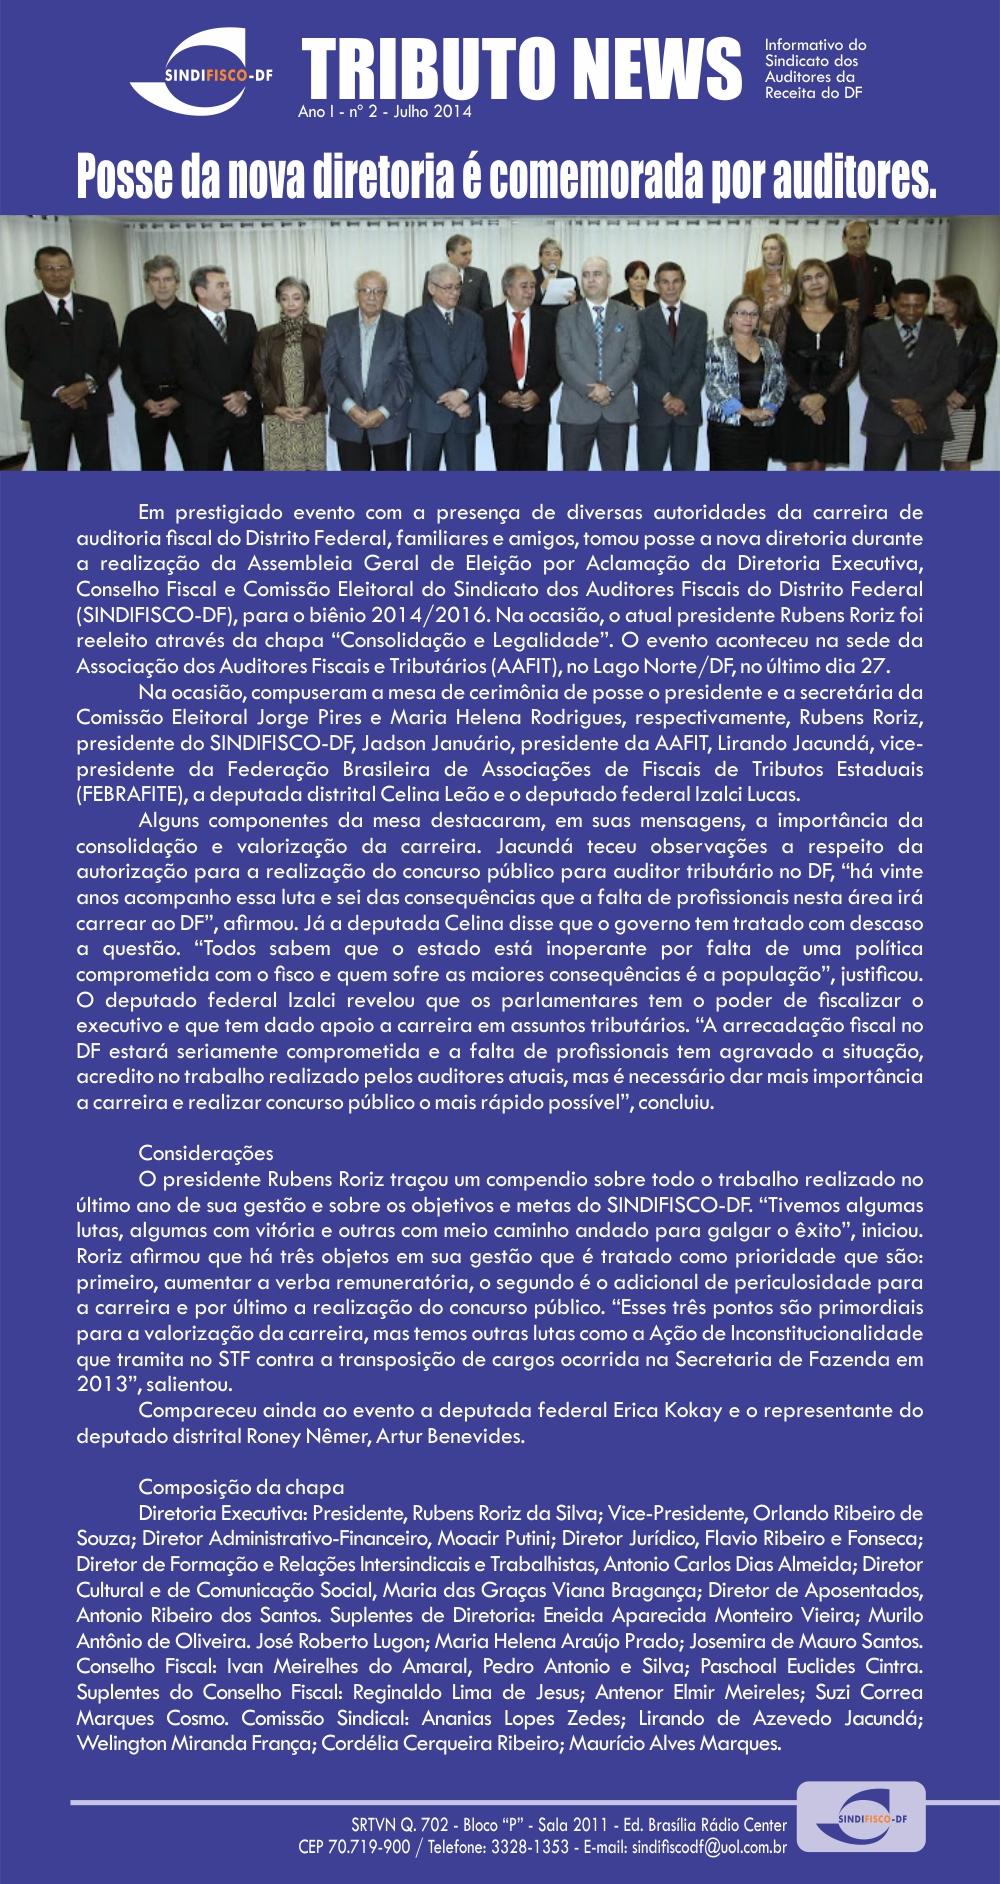 TRIBUTO NEWS – Posse da nova Diretoria do SINDIFISCO-DF